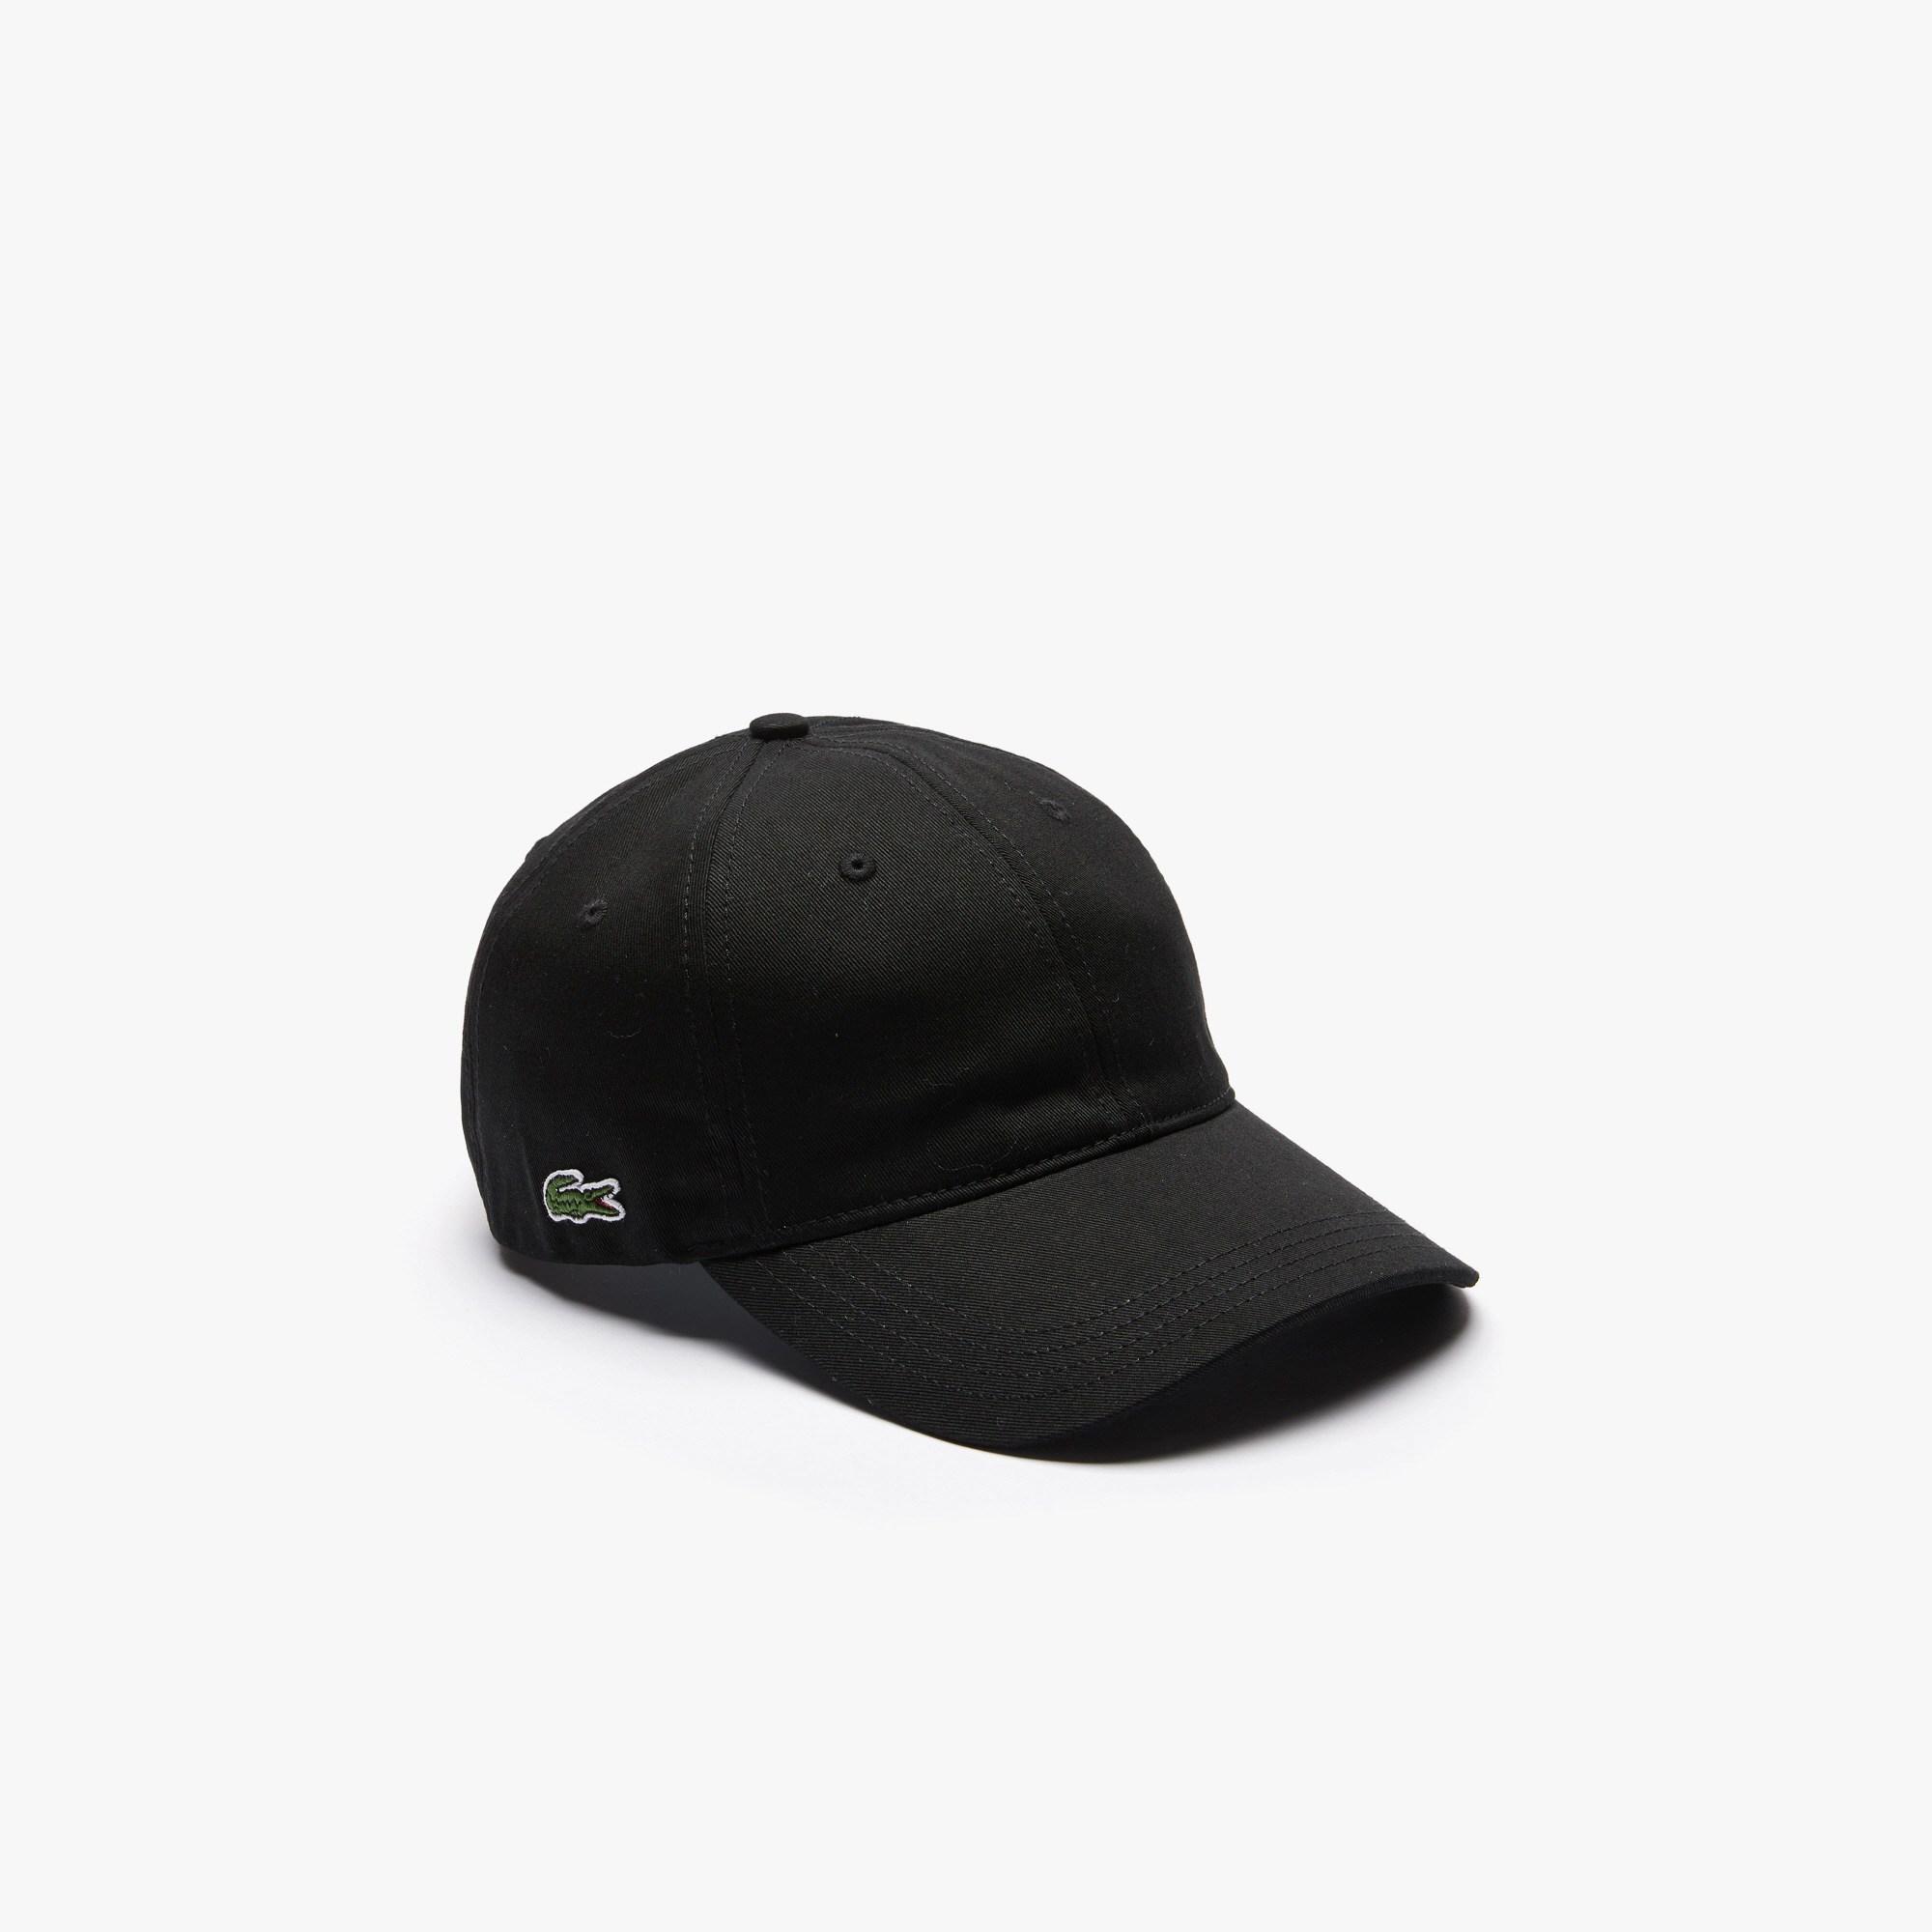 라코스테 콘트래스트 볼캡 모자 RK4709